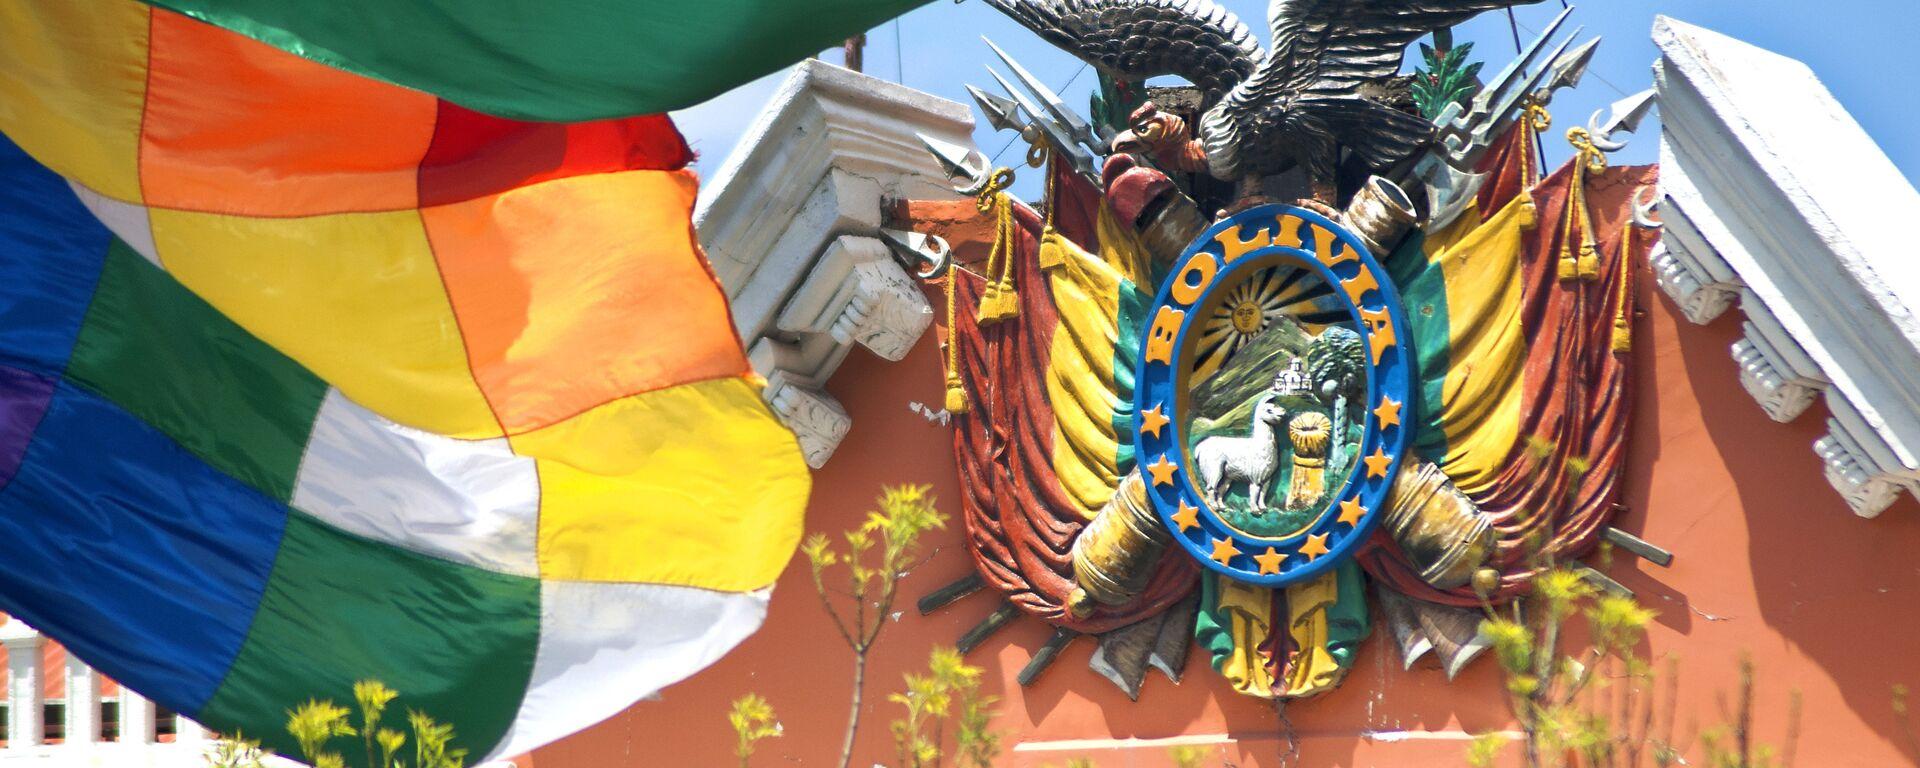 Escudo de Bolivia en el Palacio de Gobierno - Sputnik Mundo, 1920, 08.03.2021